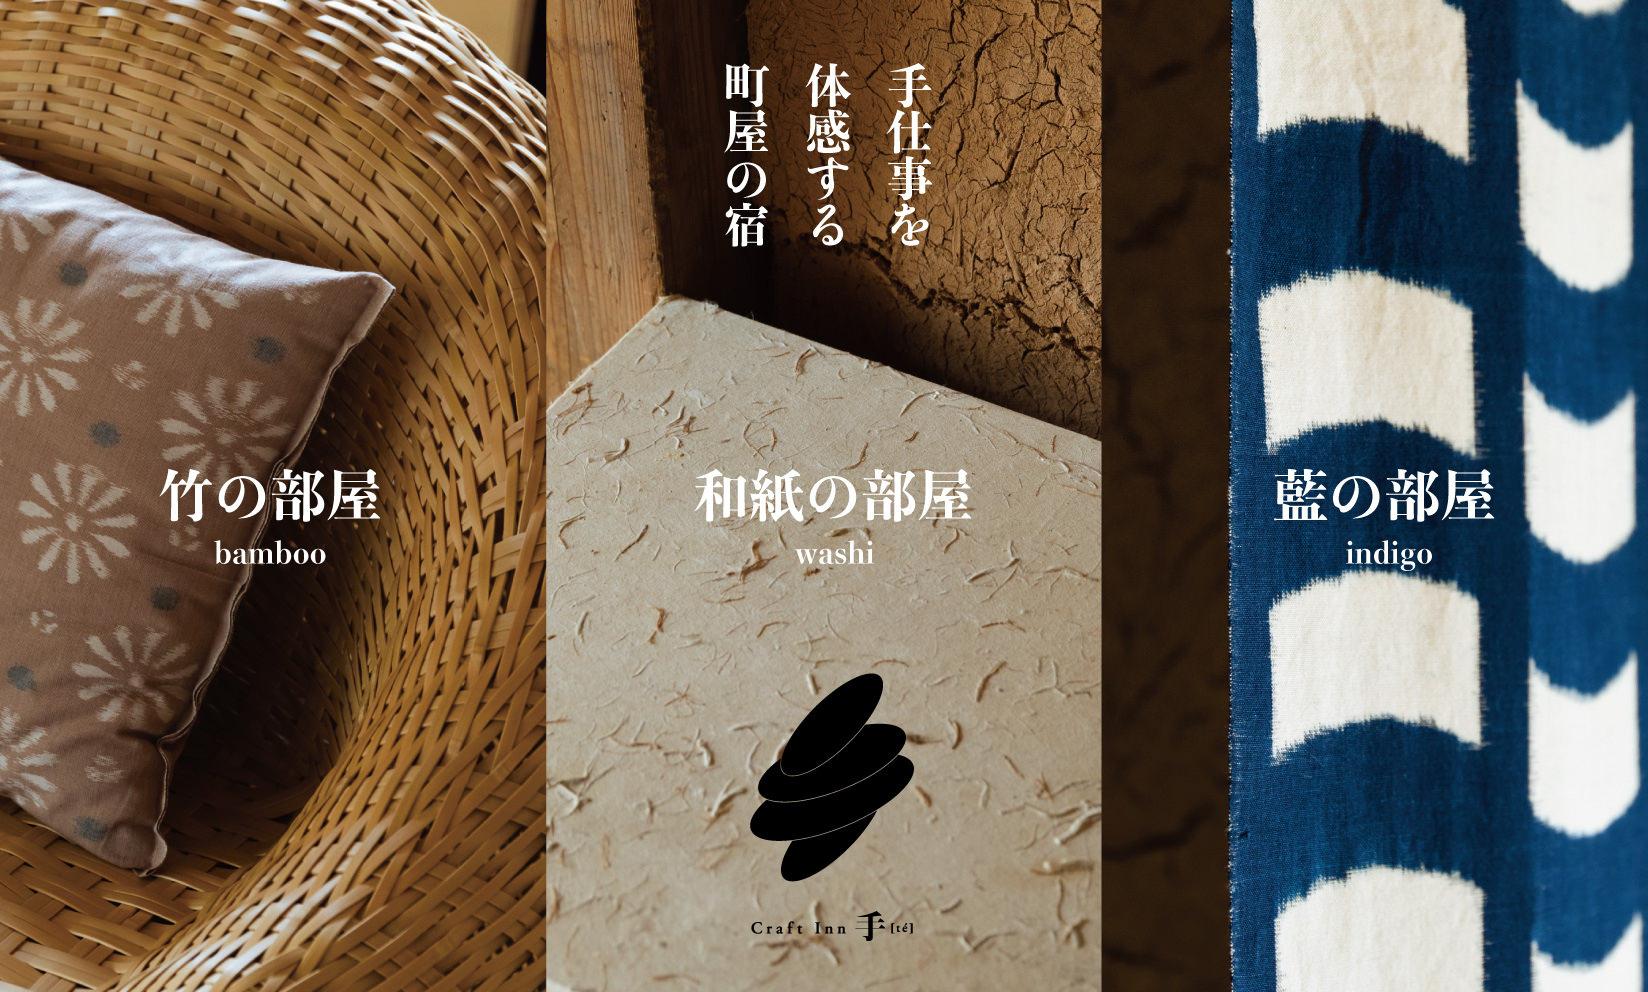 【10/8オープン】 手仕事を体感する町屋の宿 / Craft Inn 手【té】